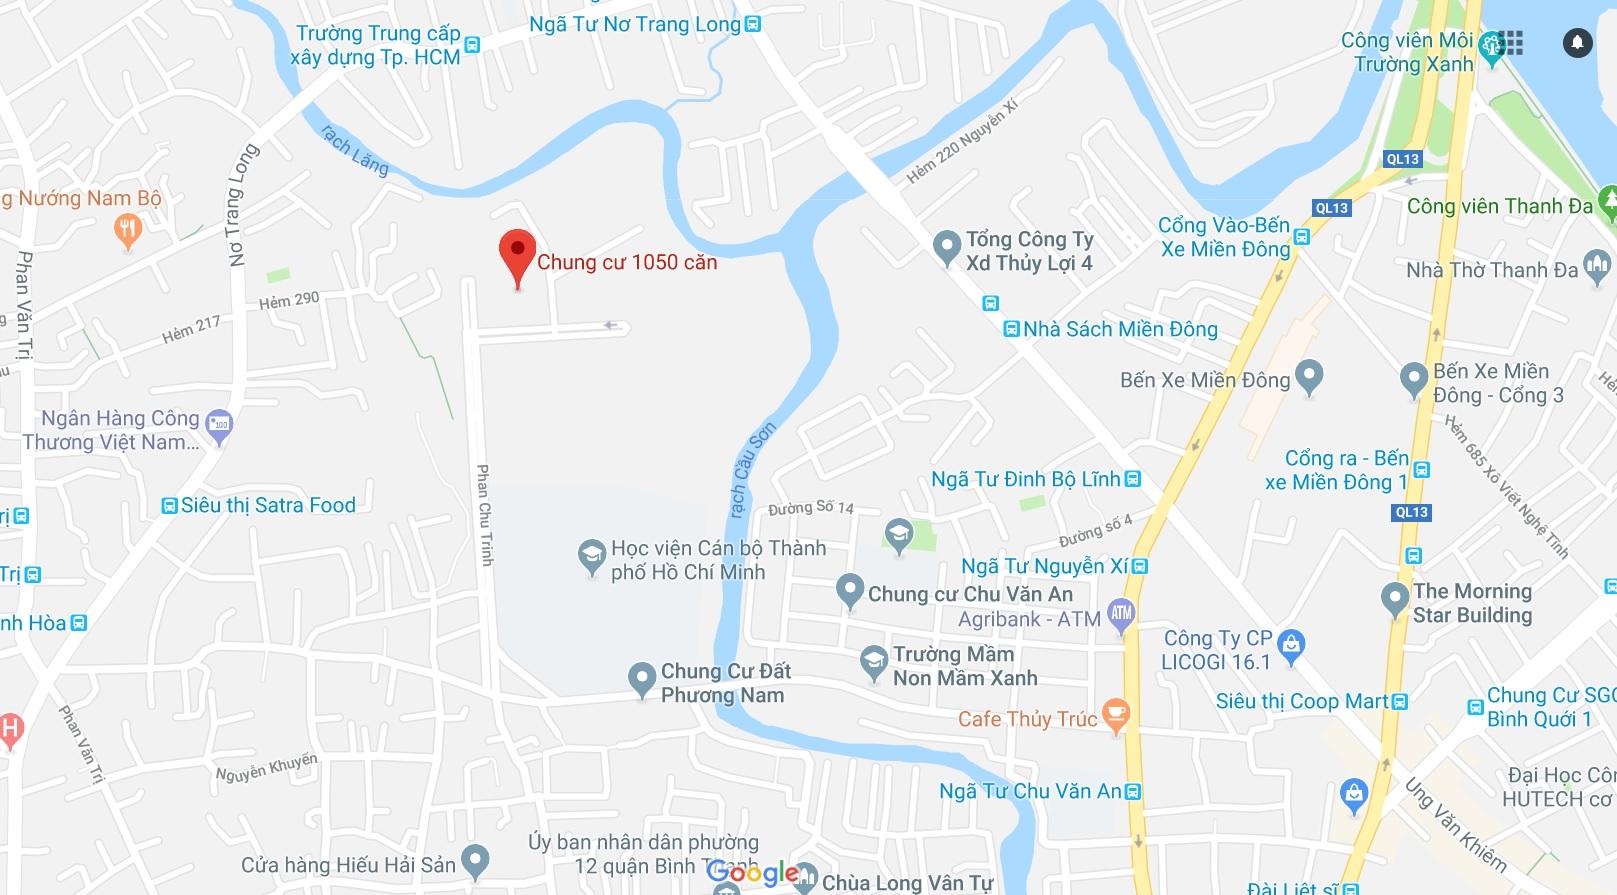 Căn hộ cao cấp 1050 Chu Văn An cho thuê đảm bảo thẩm mỹ sống thanh bình